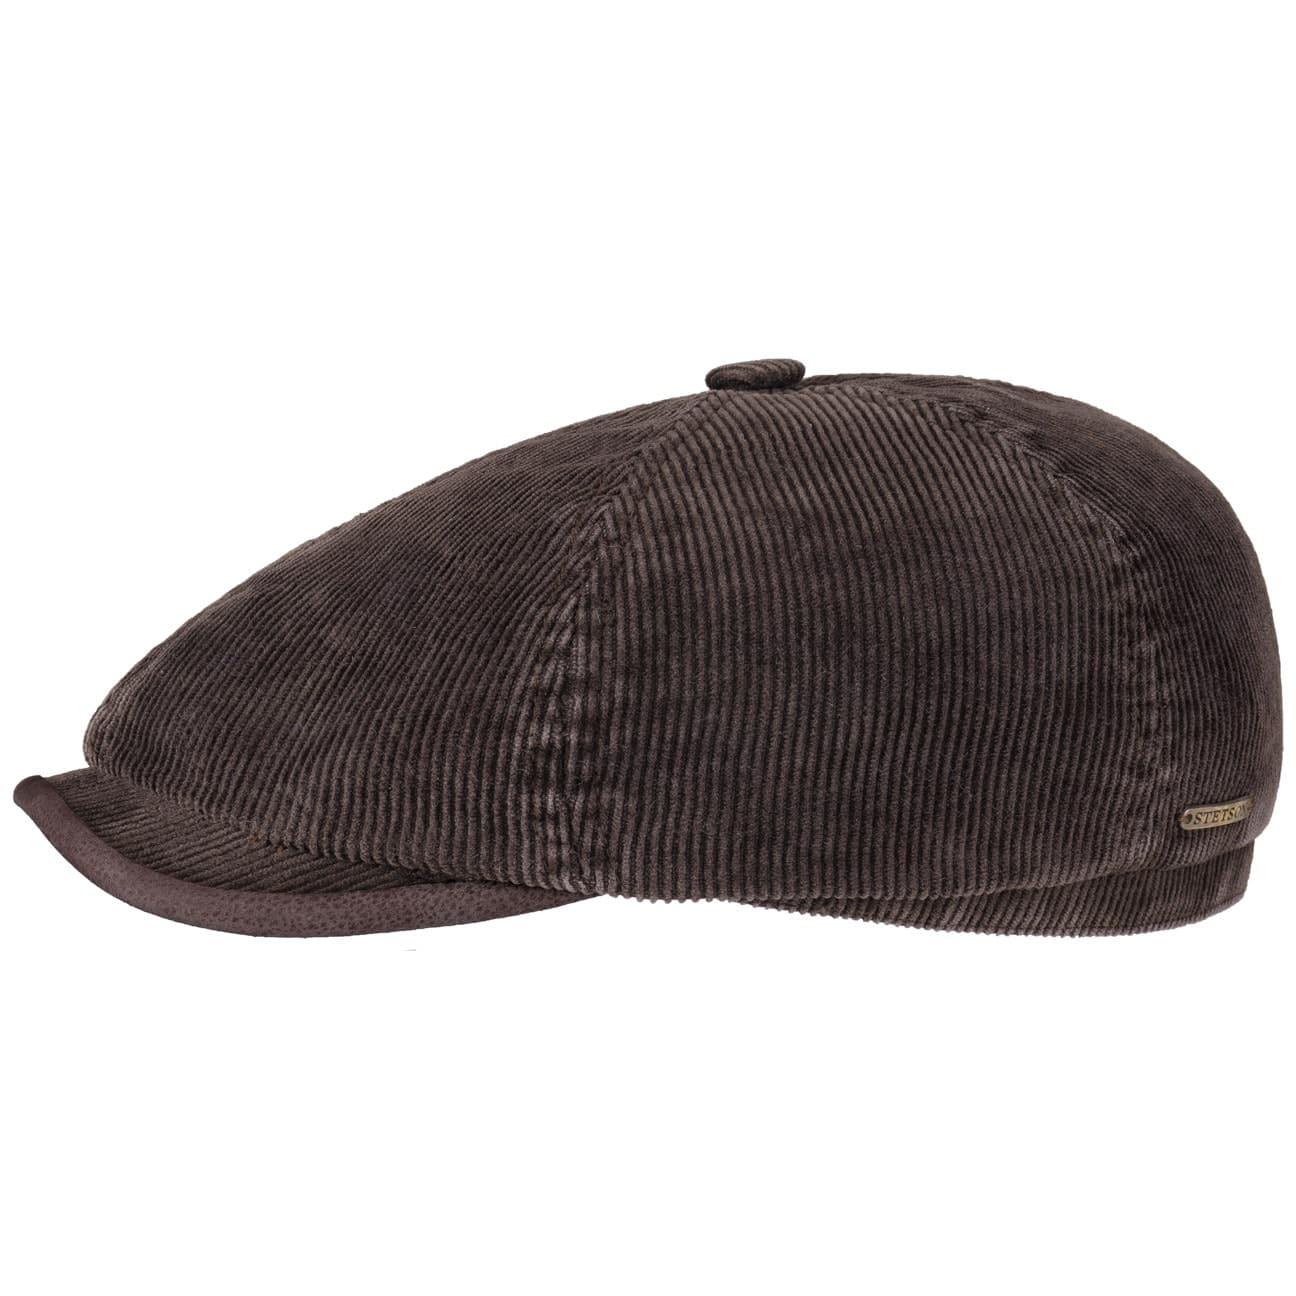 6-panel-corduroy-flatcap-by-stetson-flatcap